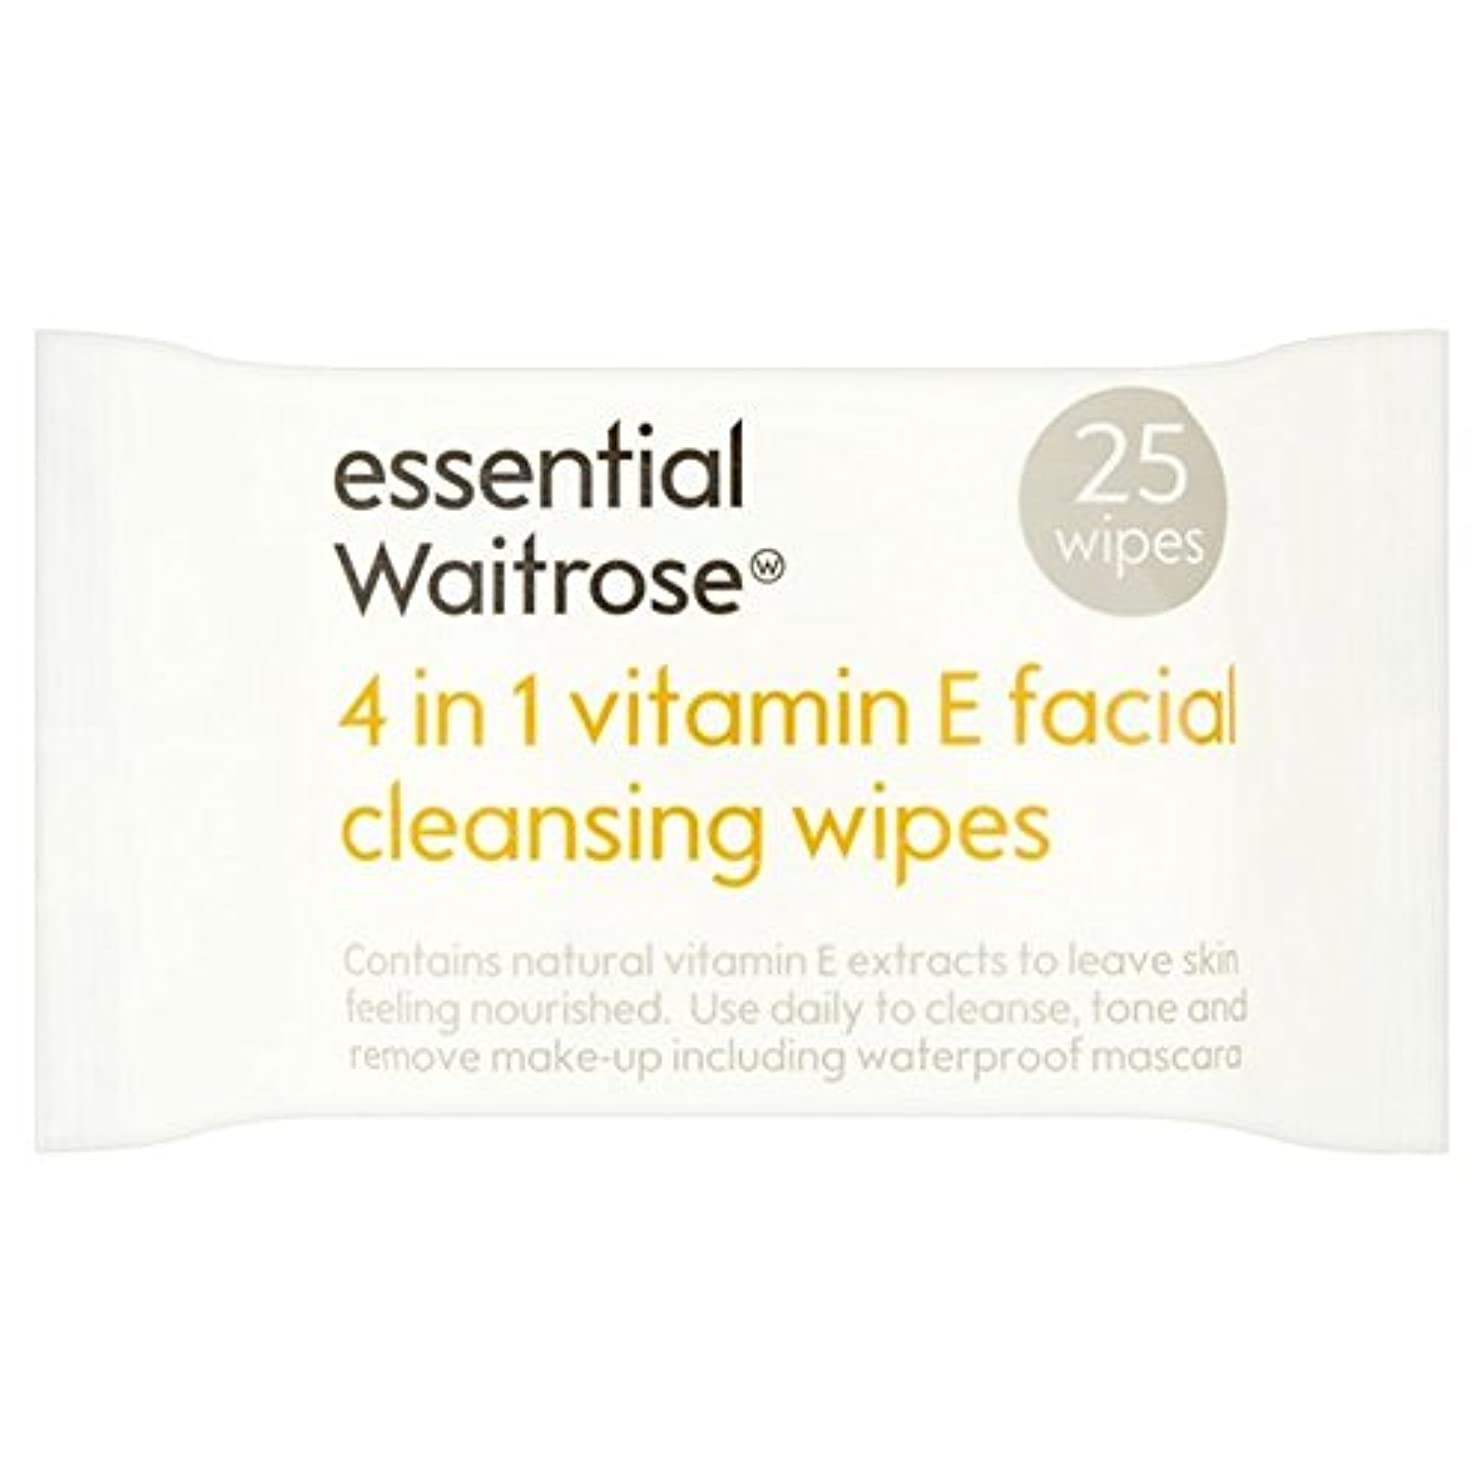 急性回るセールEssential 4 in 1 Cleansing Wipes Vitamin E Waitrose 25 per pack - 1つのクレンジングで4不可欠パックあたりのビタミンウェイトローズ25ワイプ [並行輸入品]